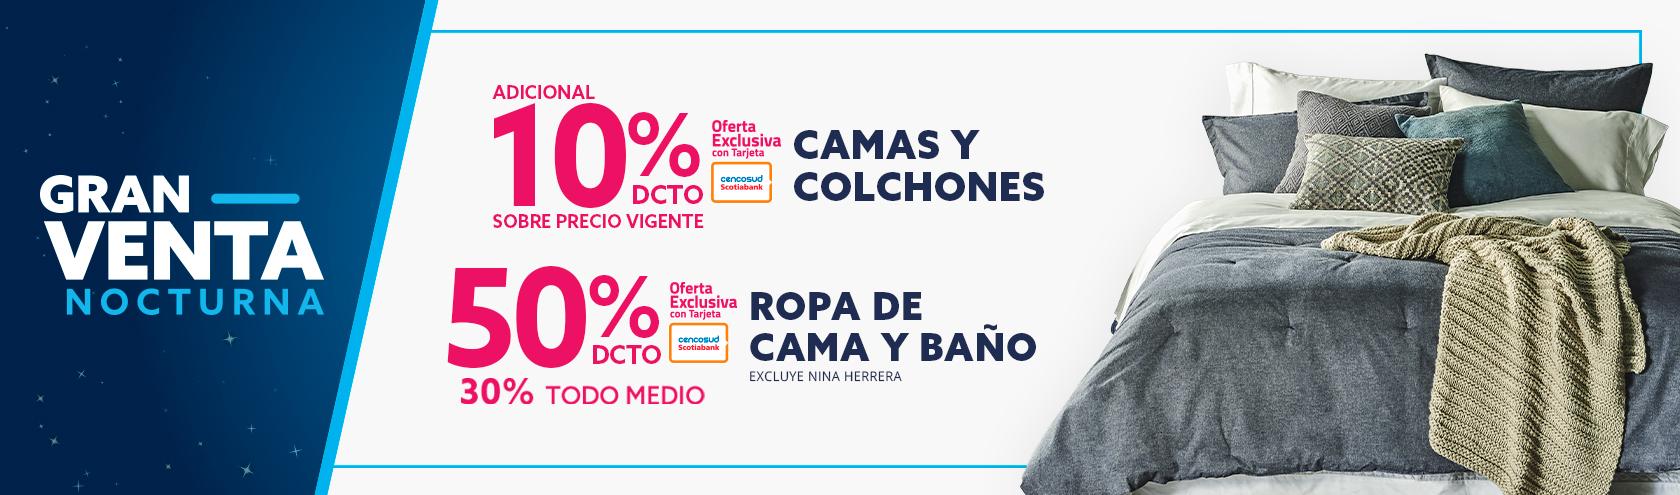 10% dcto adicional sobre precio vigente en camas y colchones con Tarjeta Cencosud